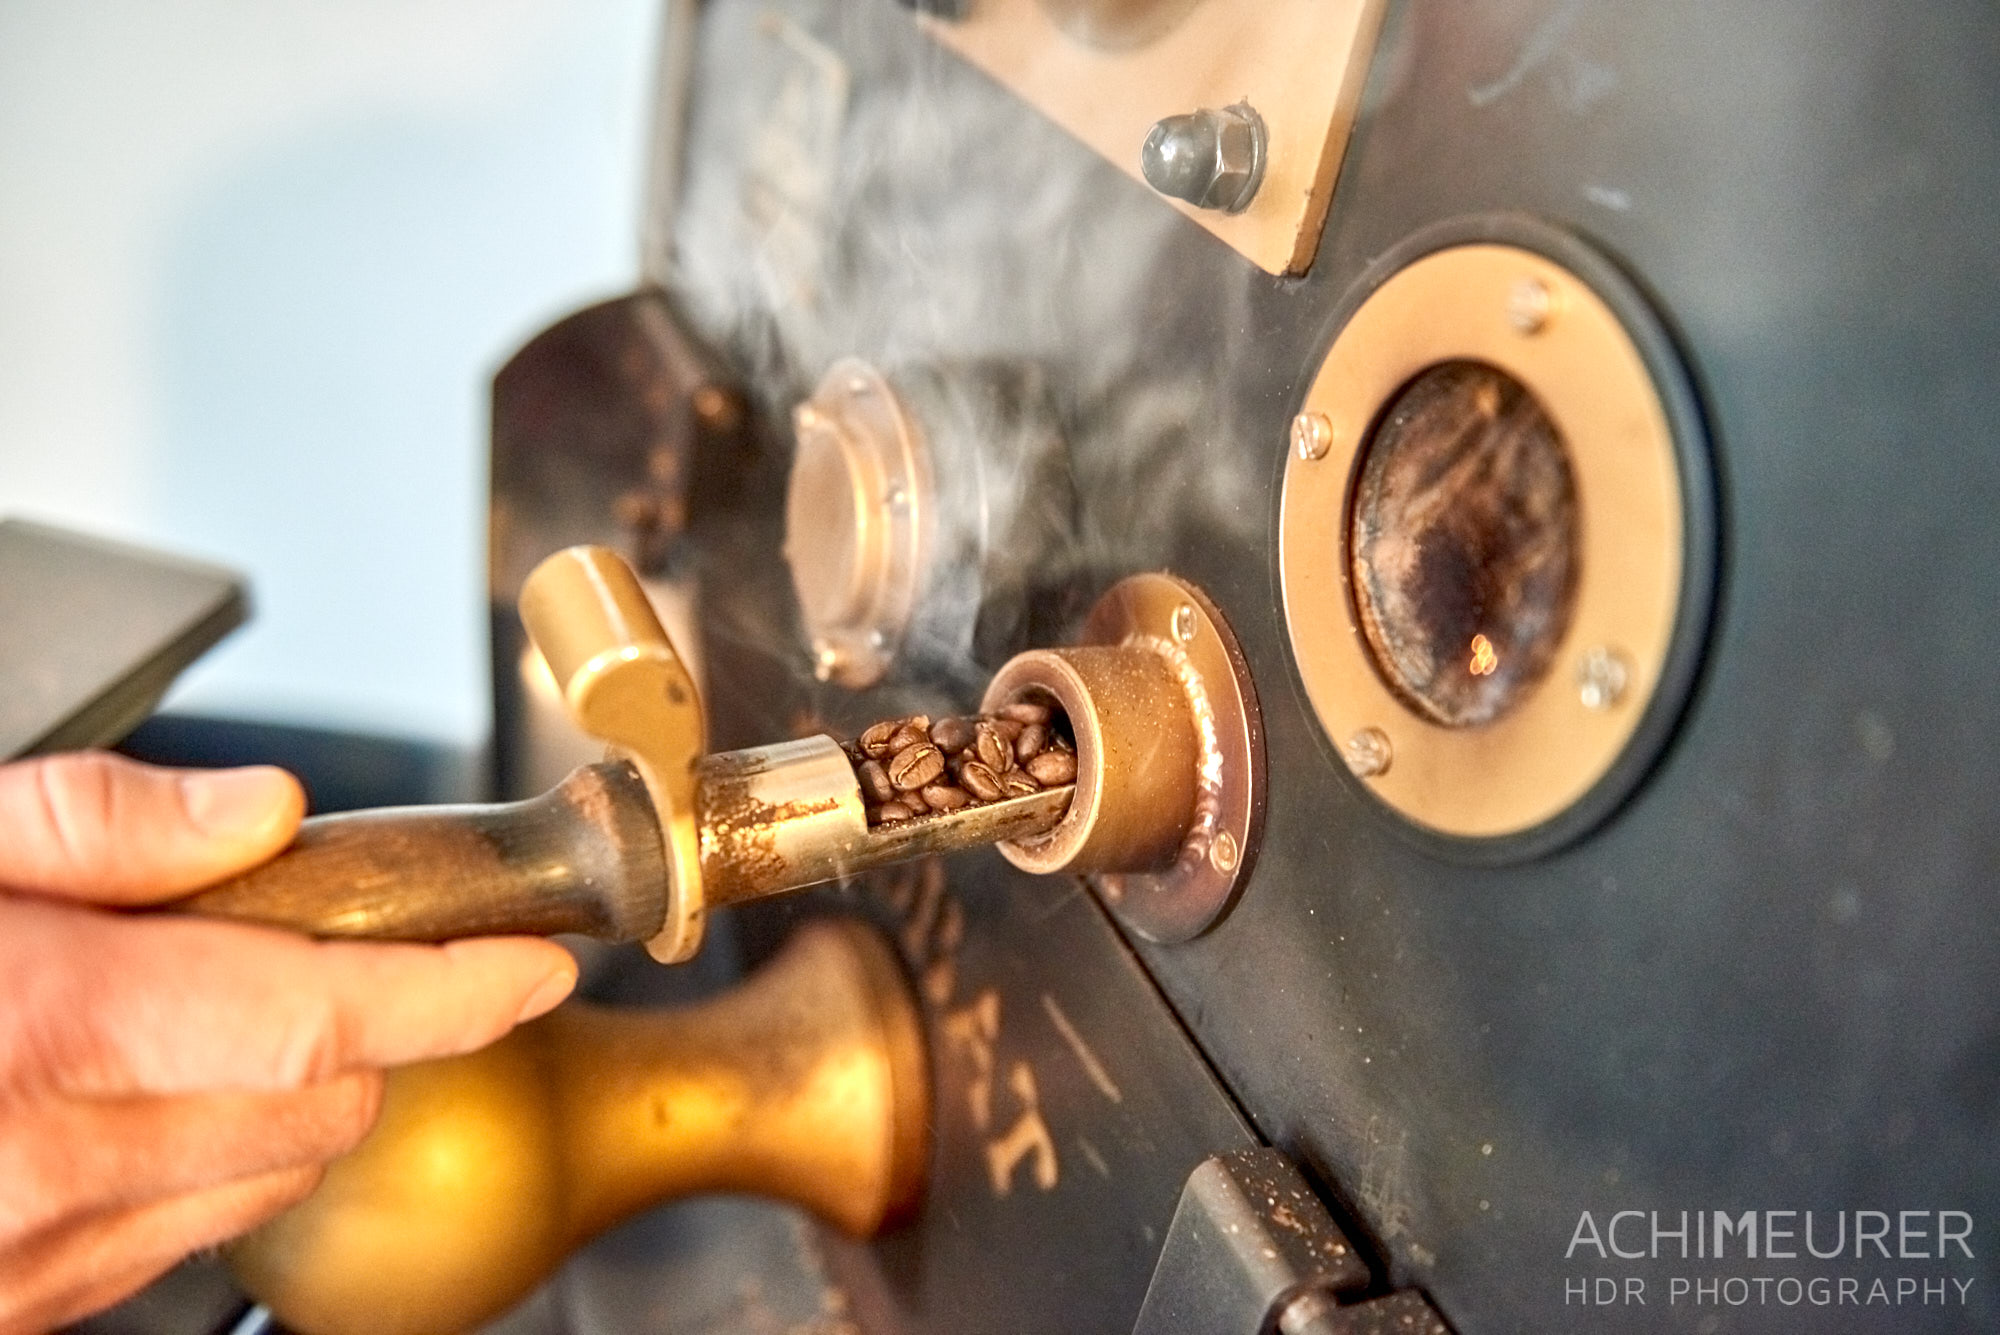 Kaffeerösterei Schmole in Pirna, Sächsische Schweiz by AchimMeurer.com.